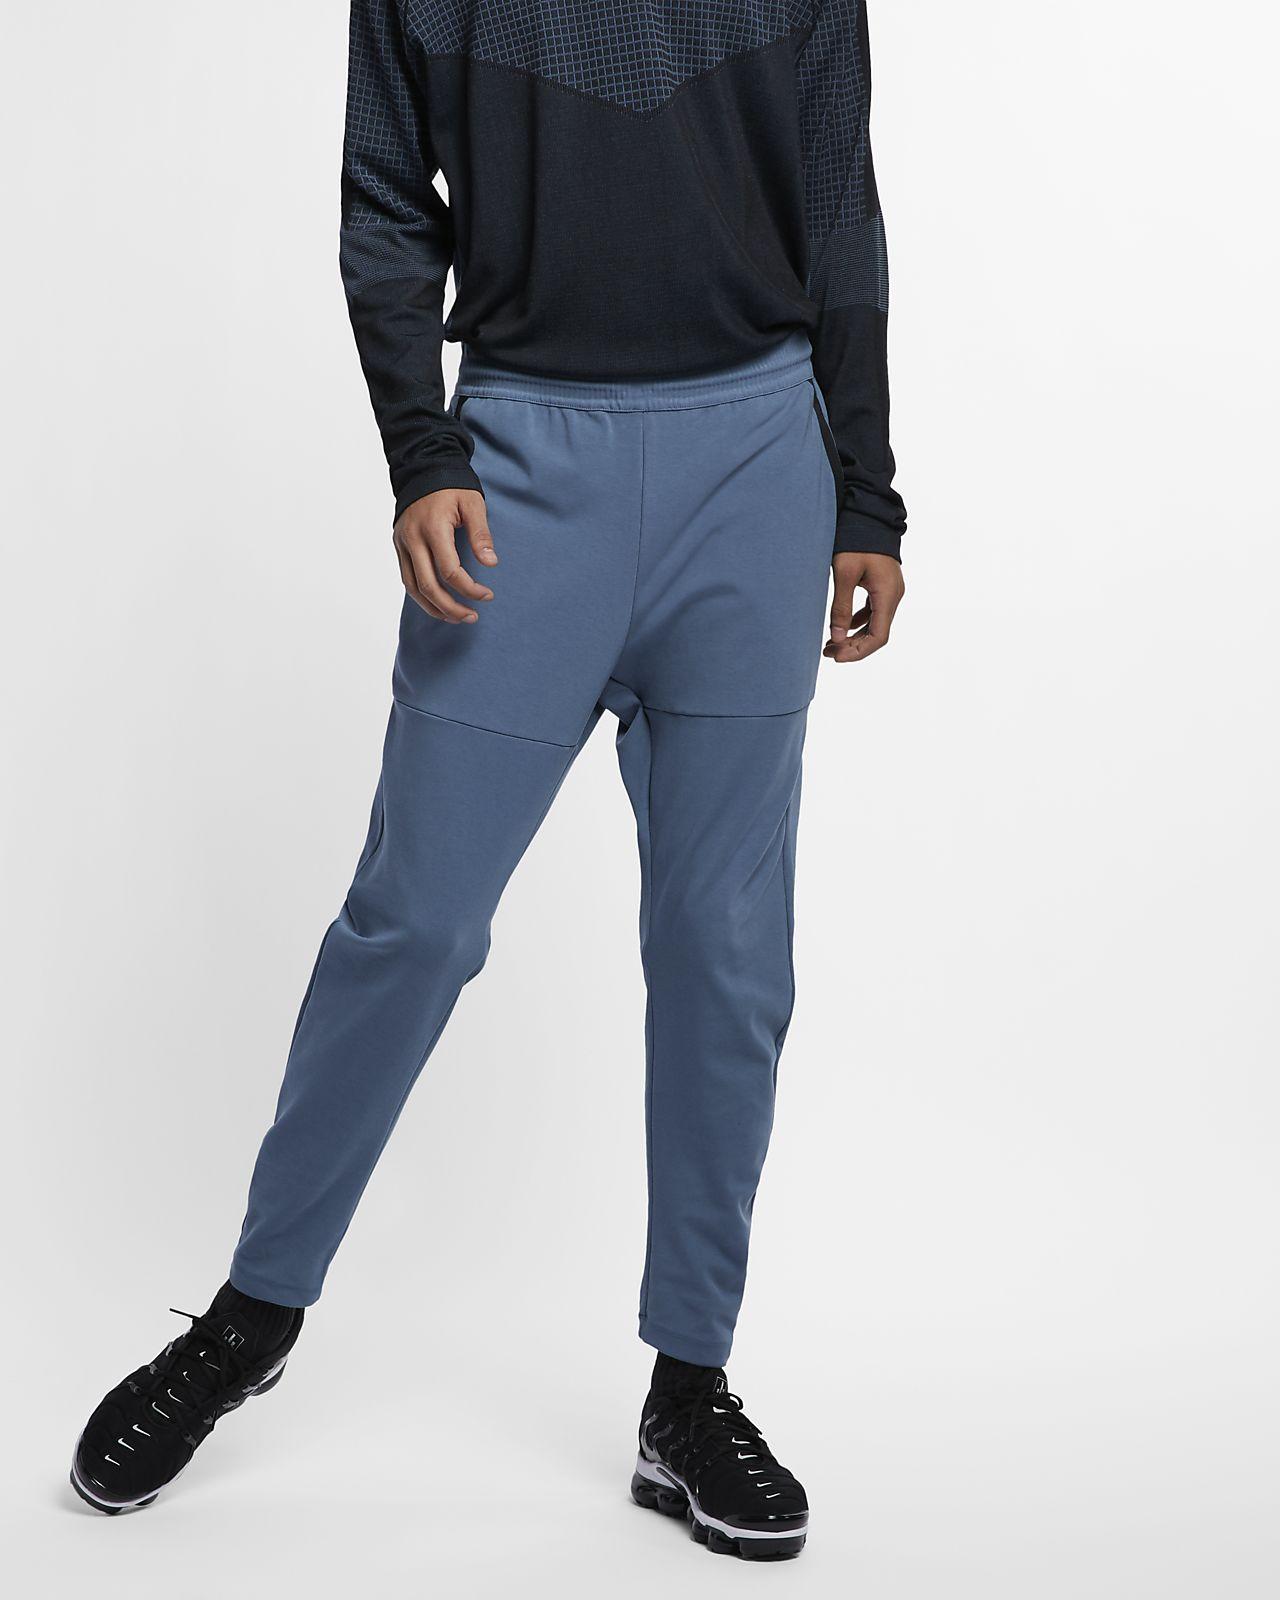 Nike Sportswear Tech Pack Örgü Erkek Eşofman Altı